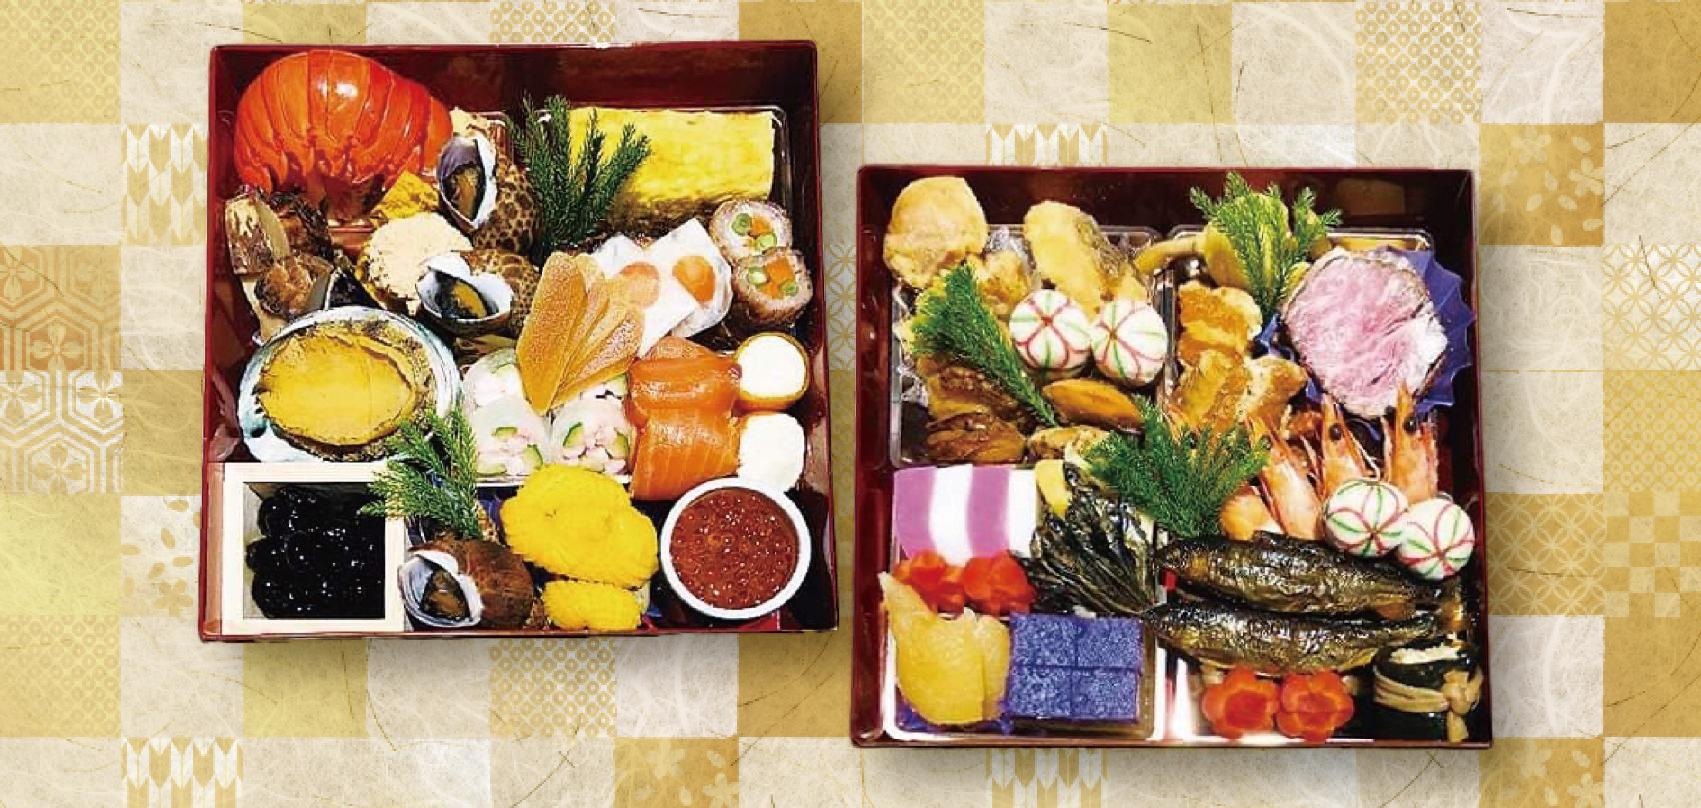 創味旬菜 びんび